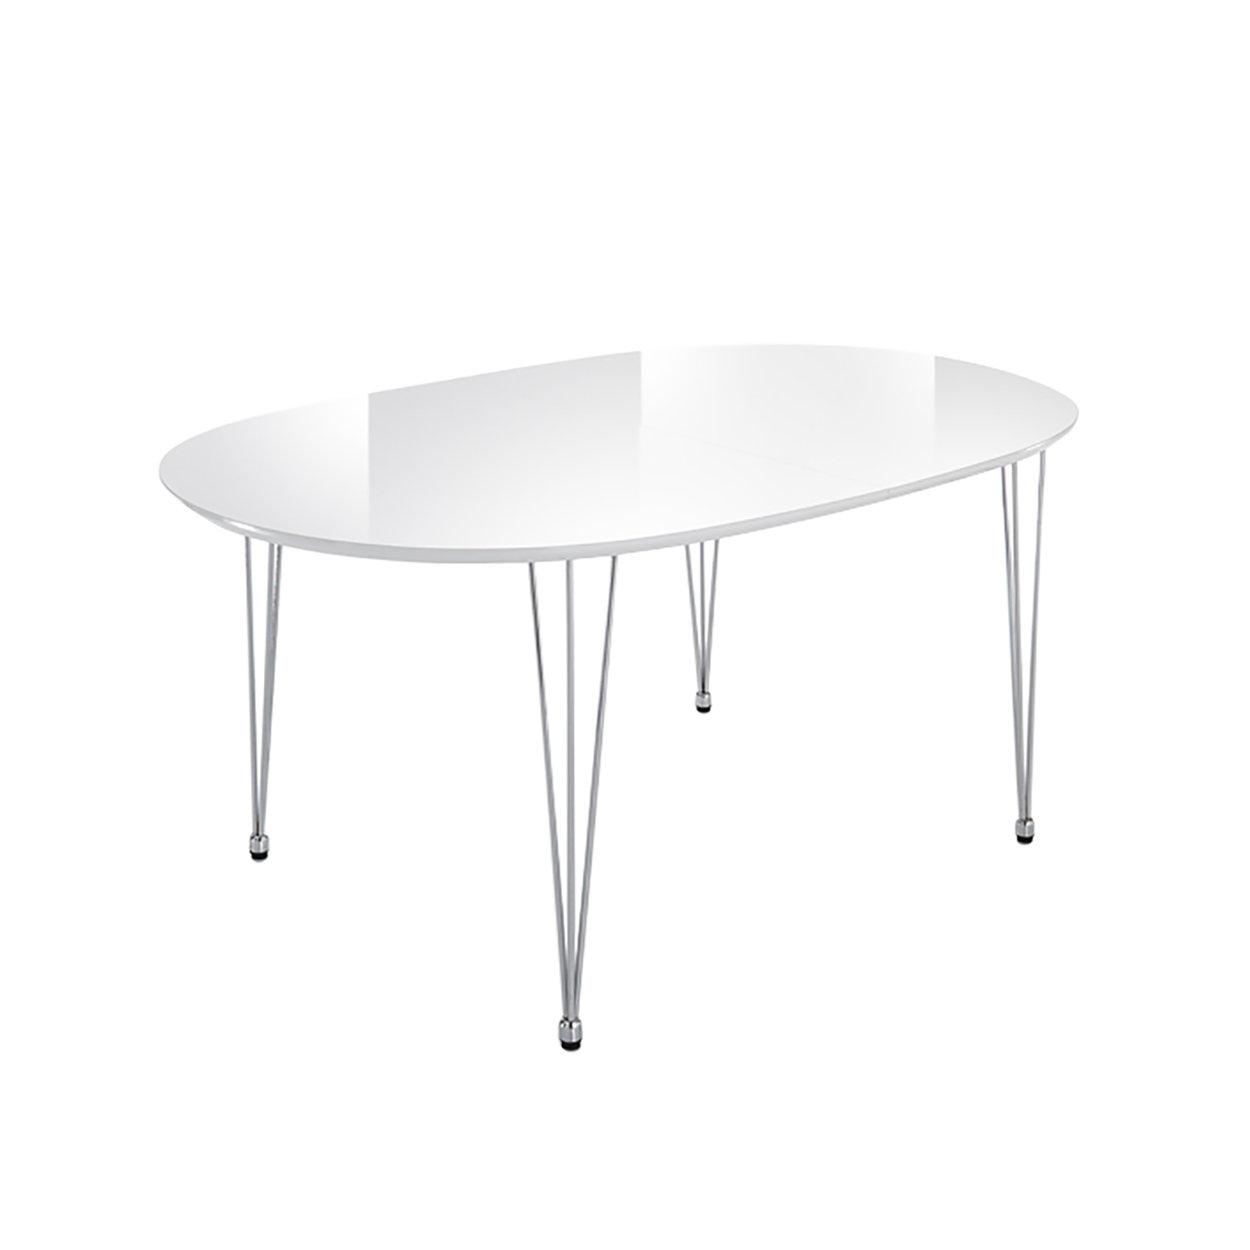 Tavolo ovale allungabile ELEGANT, bianco/cromo - Black e White - Acquista  su Ventis.